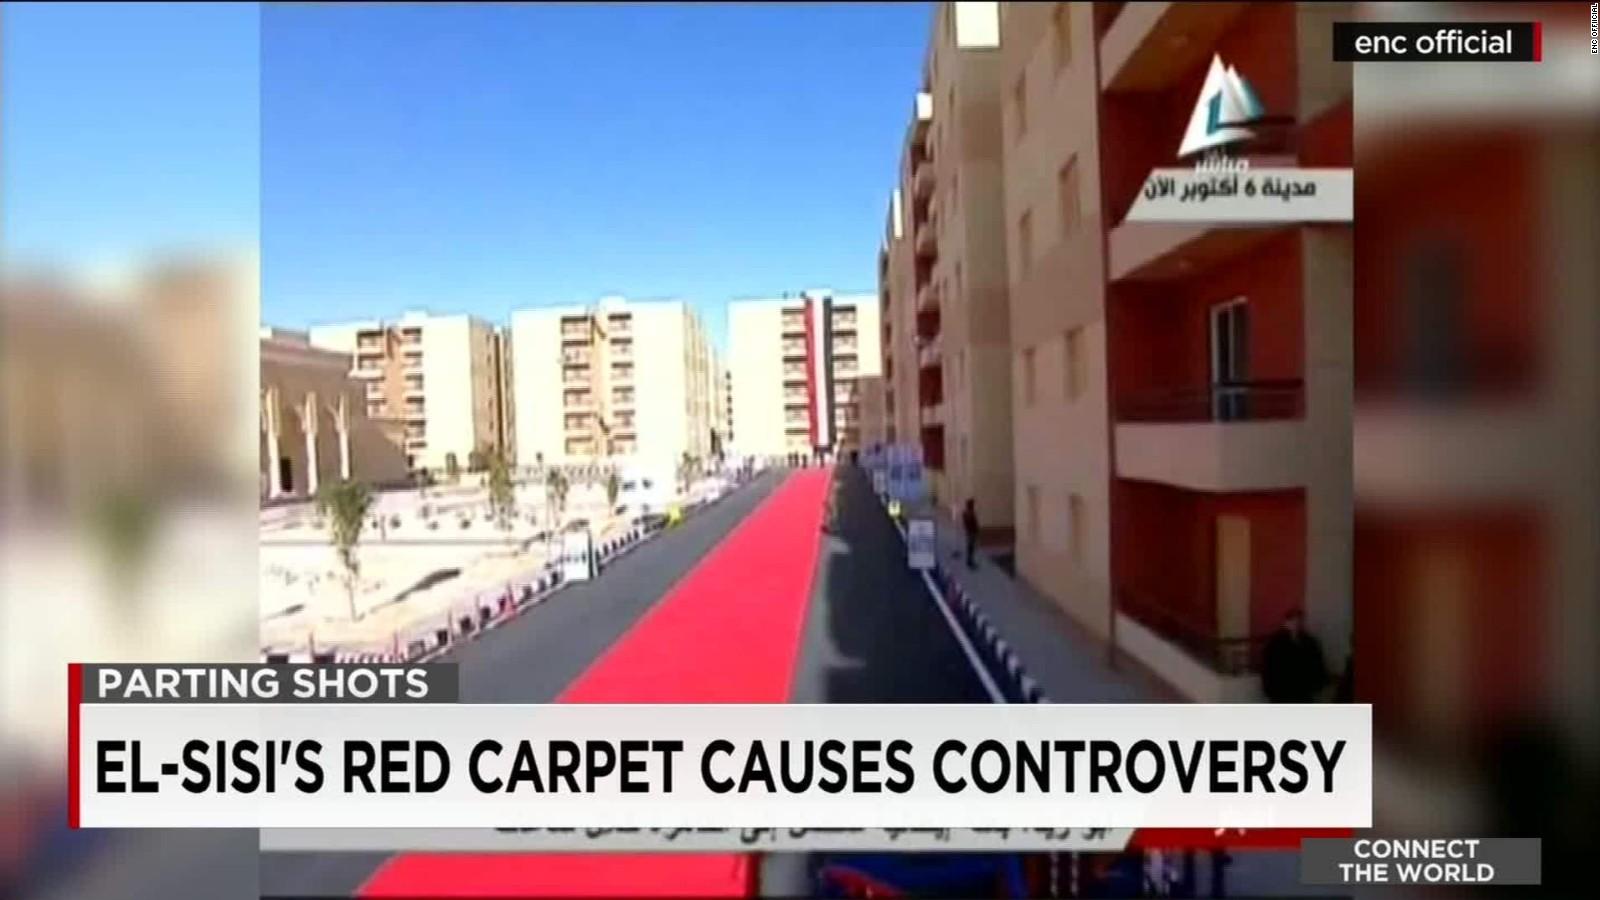 Abbey S Carpet Oropendolaperuorg